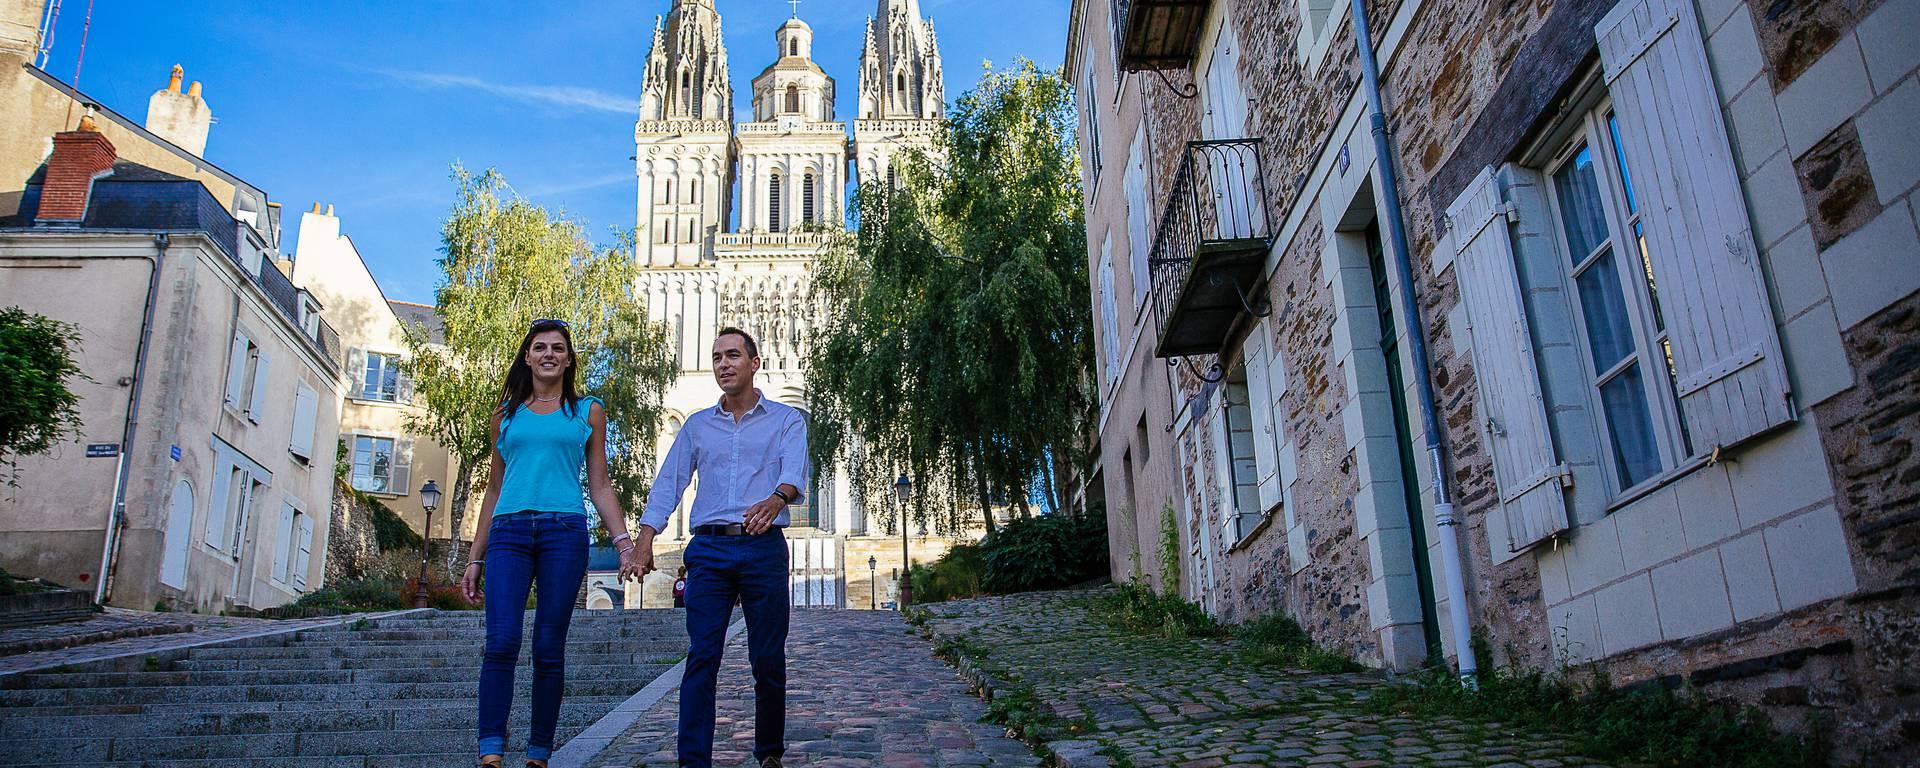 Top 10 des monuments angers destination angers tourisme office de tourisme - Angers office du tourisme ...